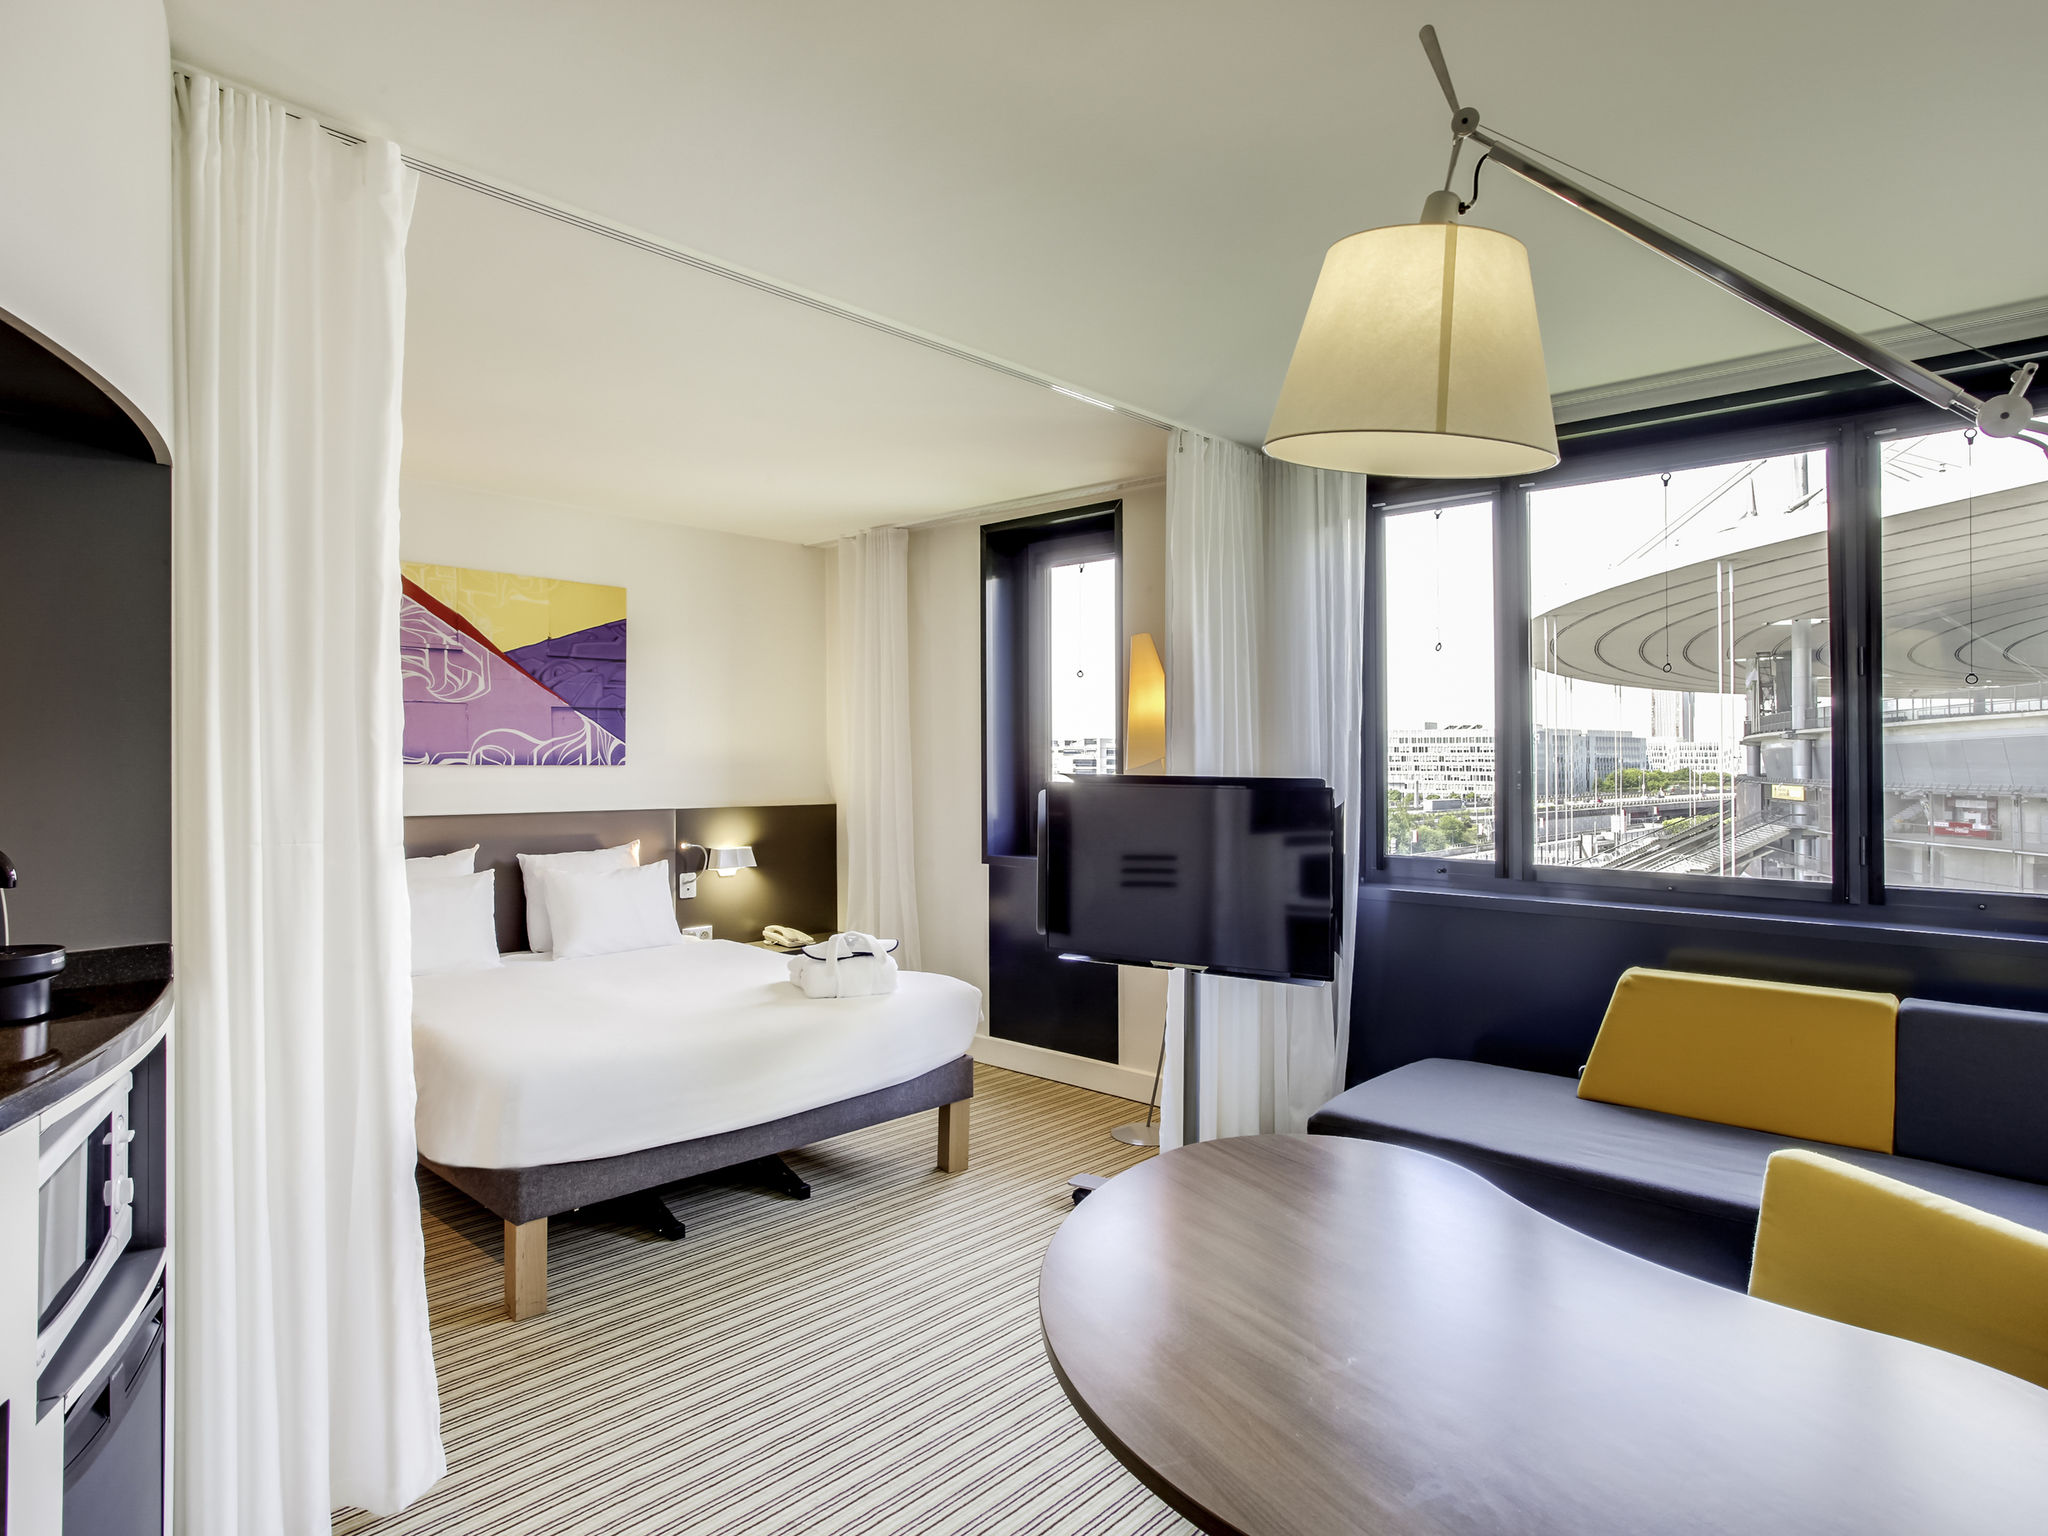 Hotel - Hotel Novotel Suites Stade de France